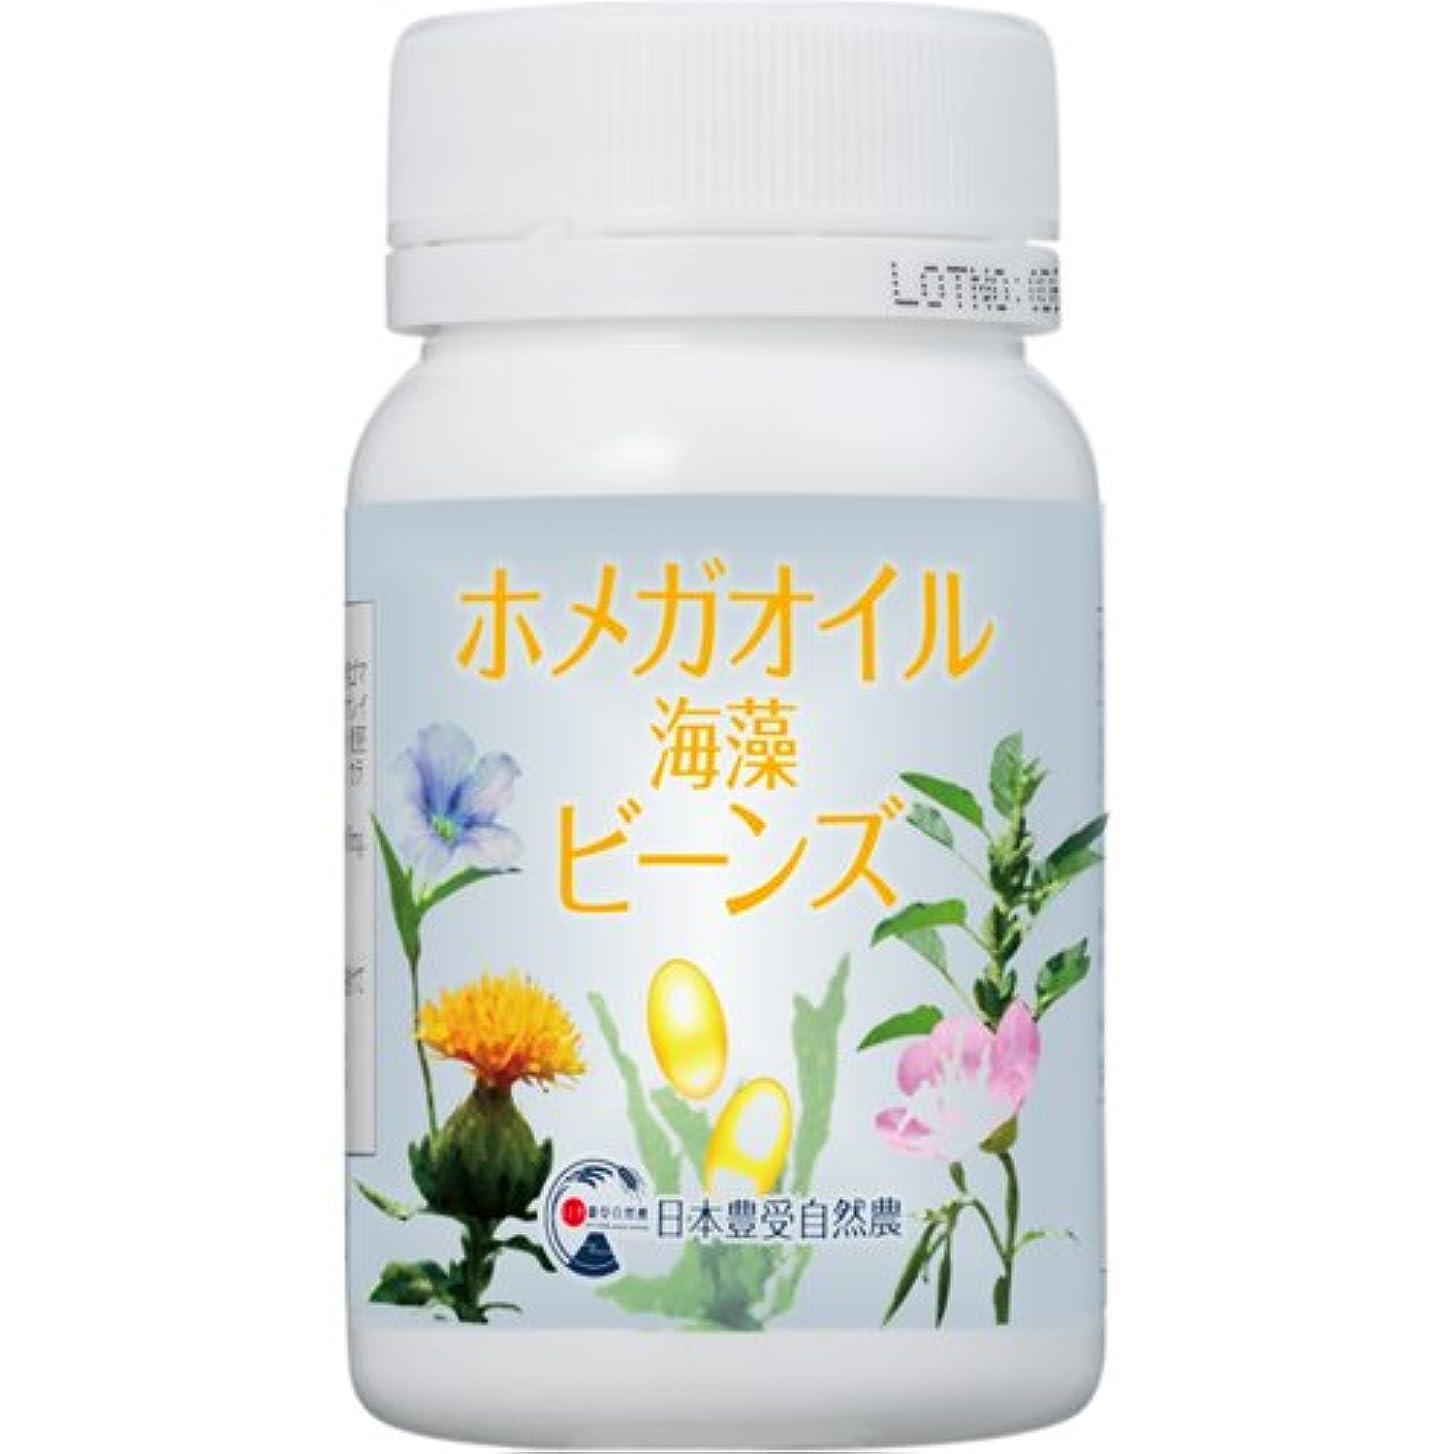 充実航空会社しかし日本豊受自然農 ホメガオイル海藻ビーンズ 約90粒